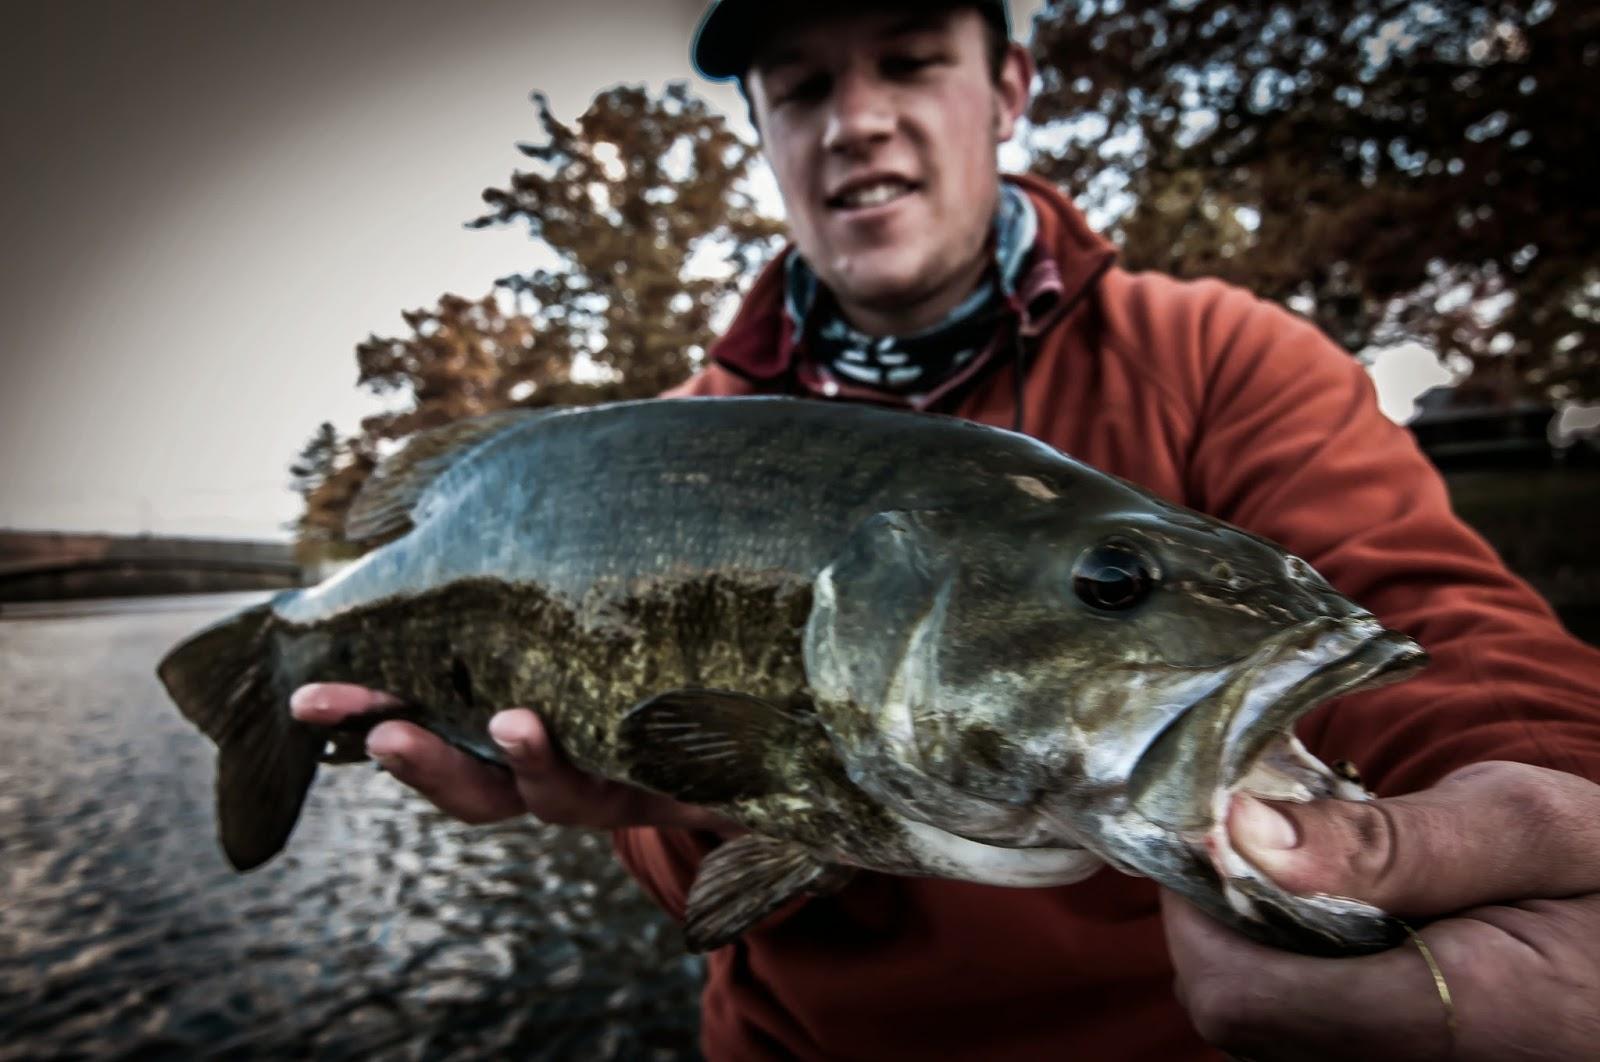 PA Smallmouth Bass